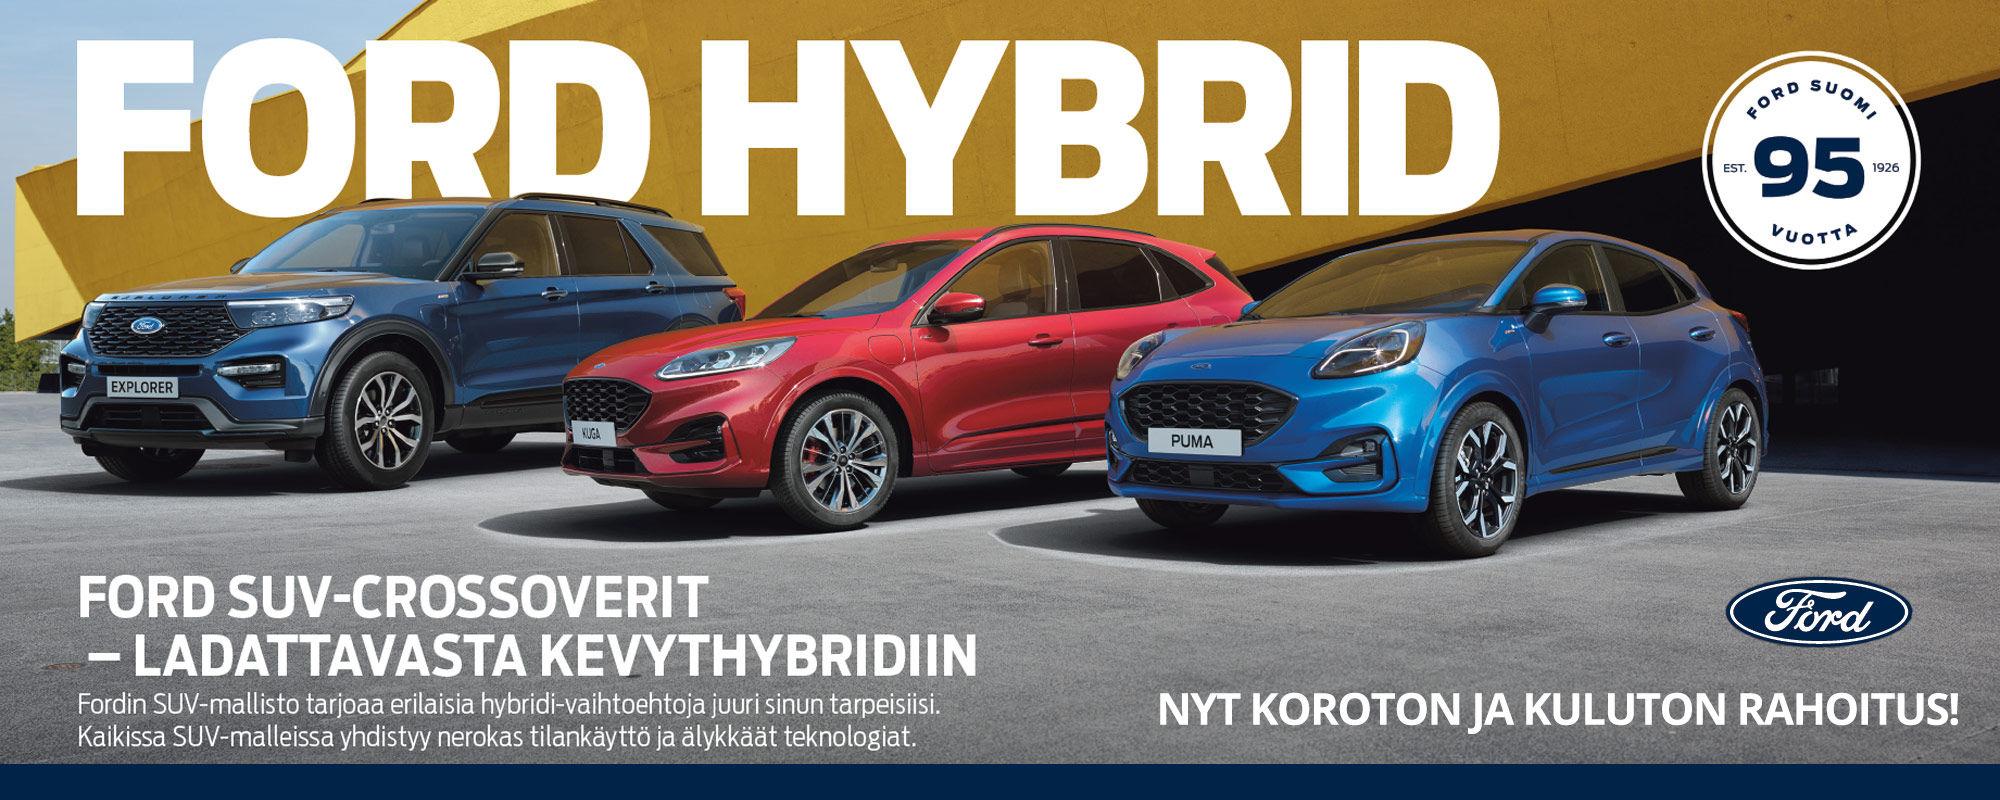 Ford Suv-crossoverit - Ladattavasta kevythybridiin